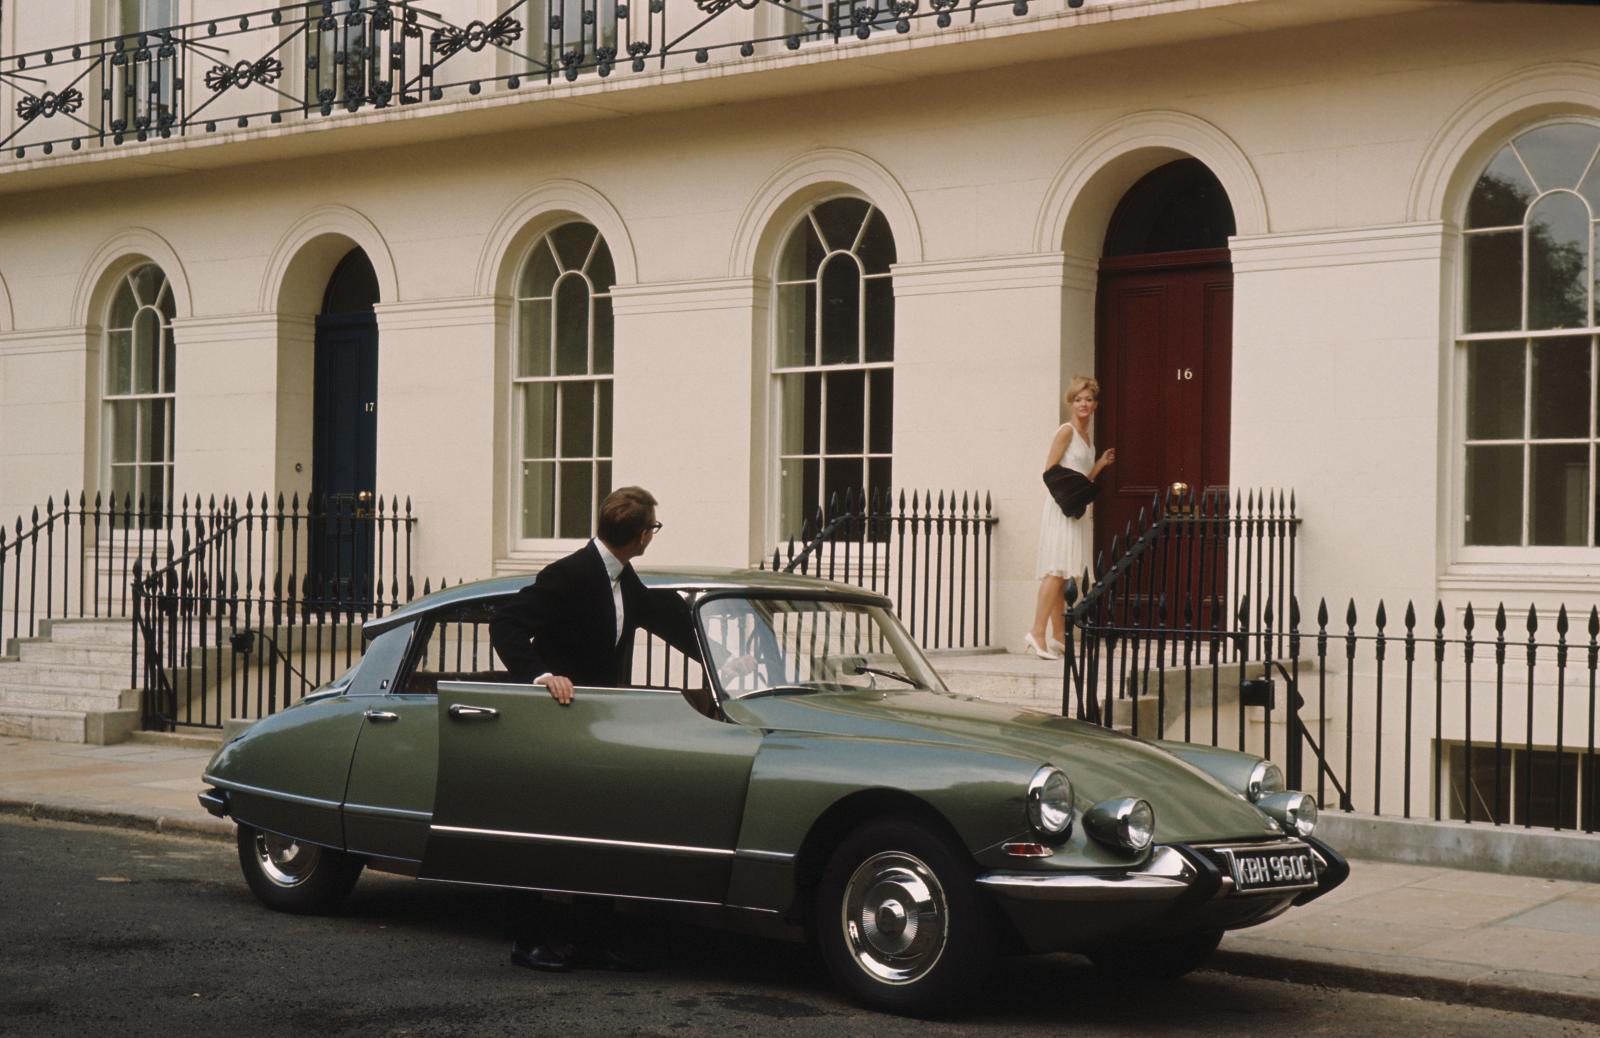 DS 21 pallas modelo inglês 1966